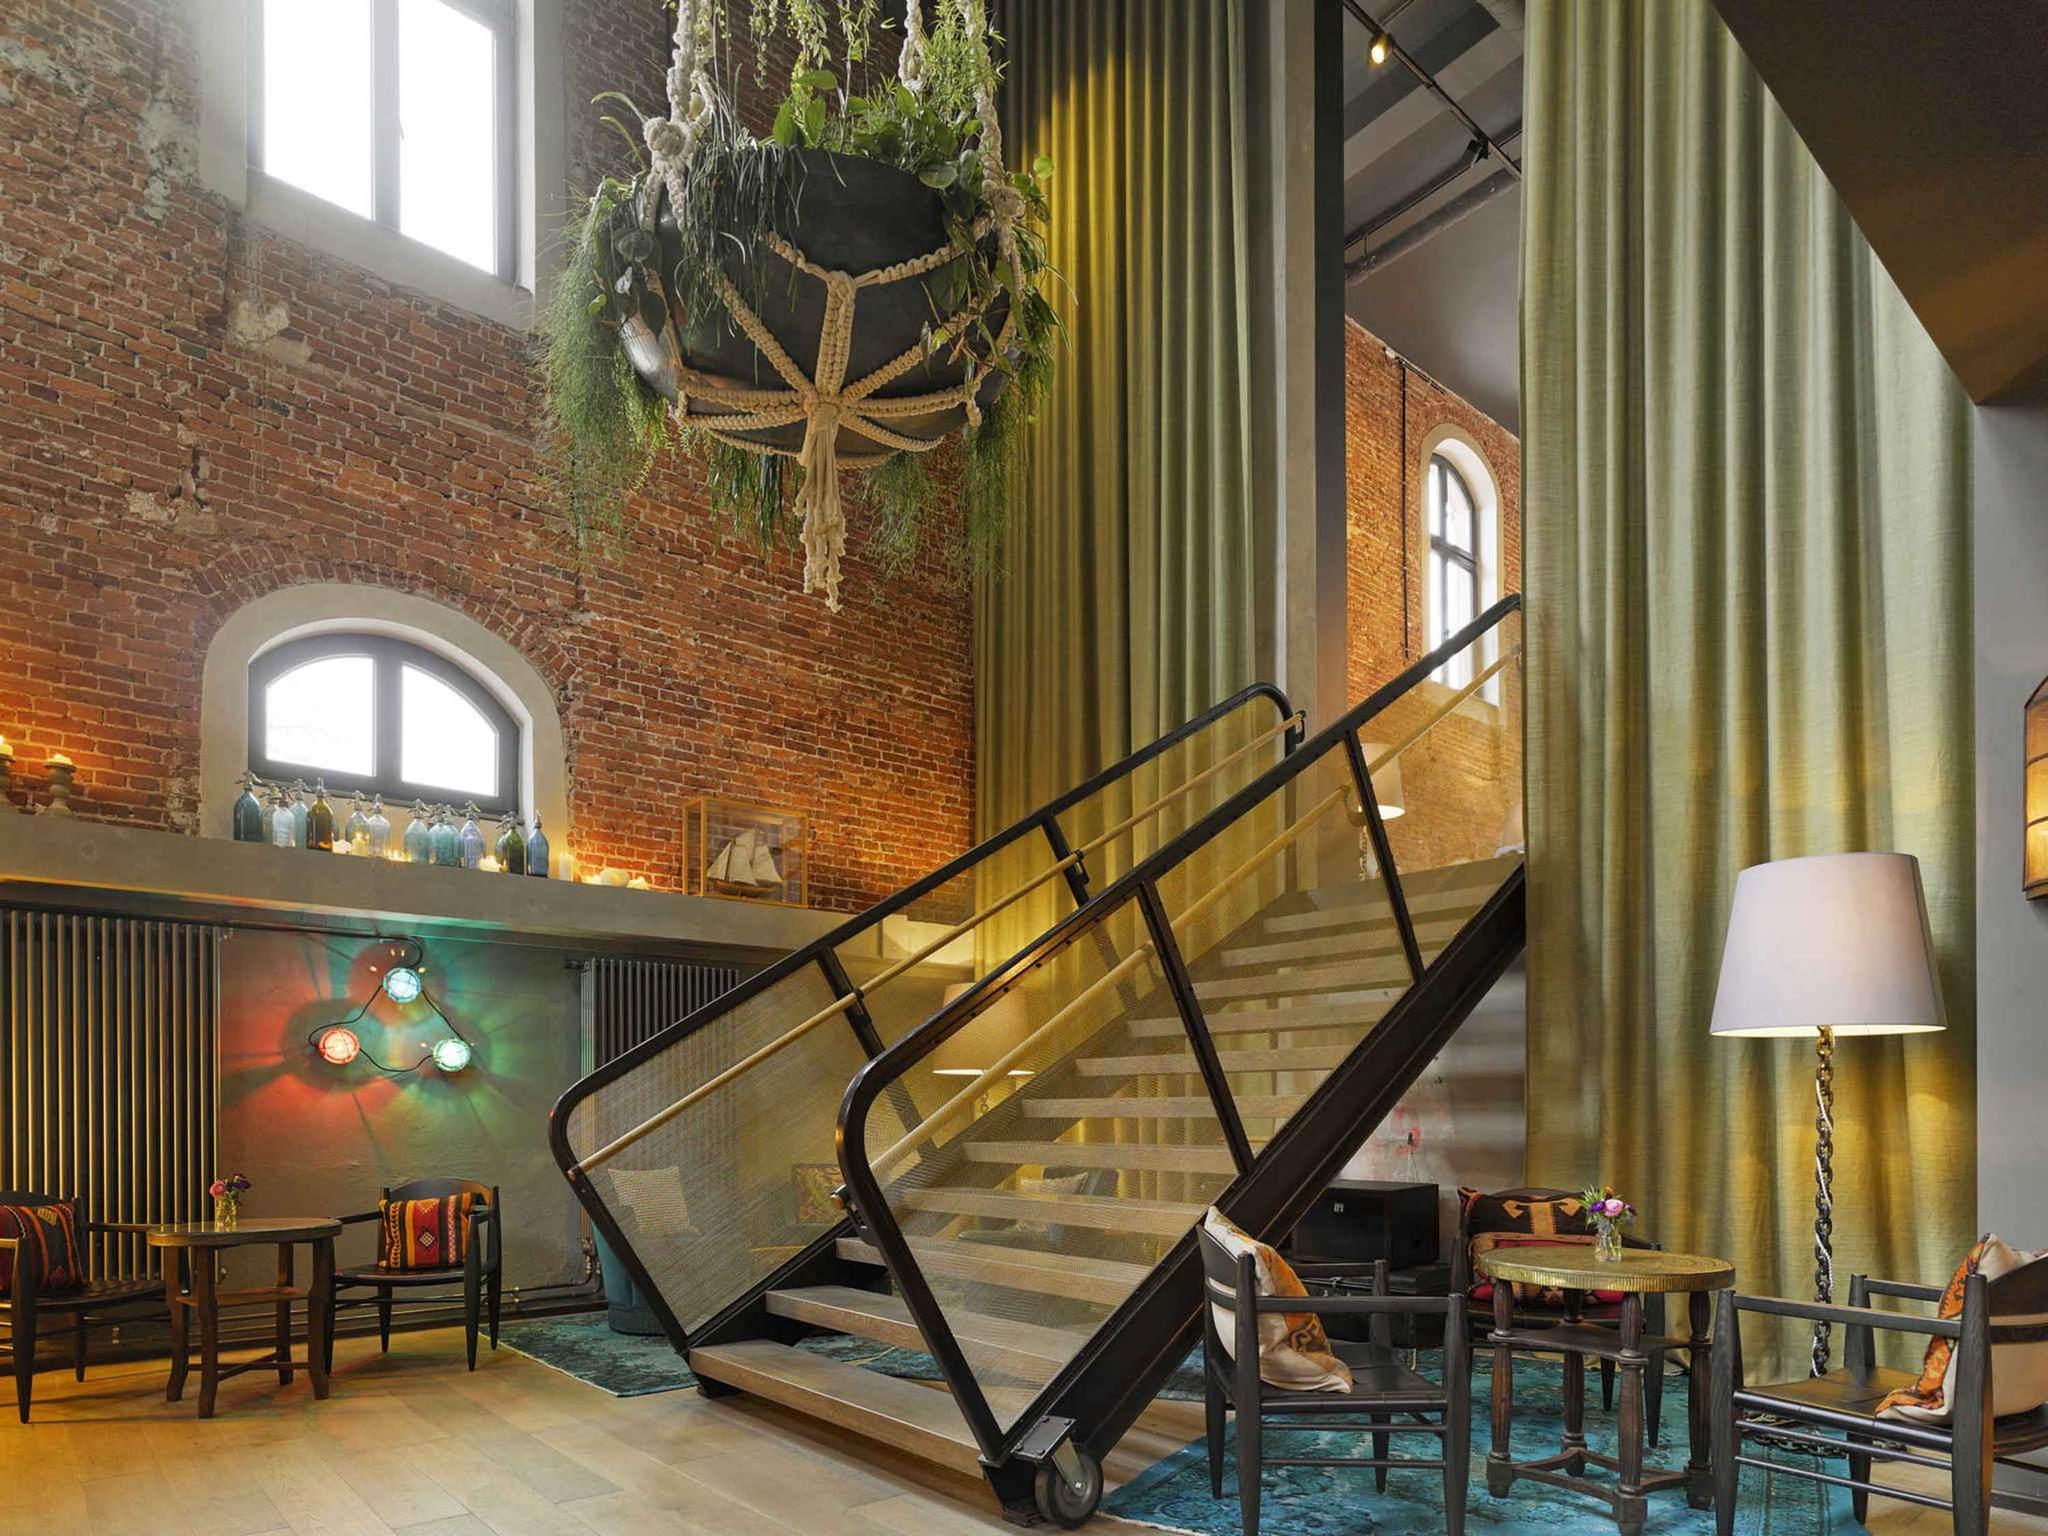 Отель — Отель 25hours Гамбург Альтес Хафенамт